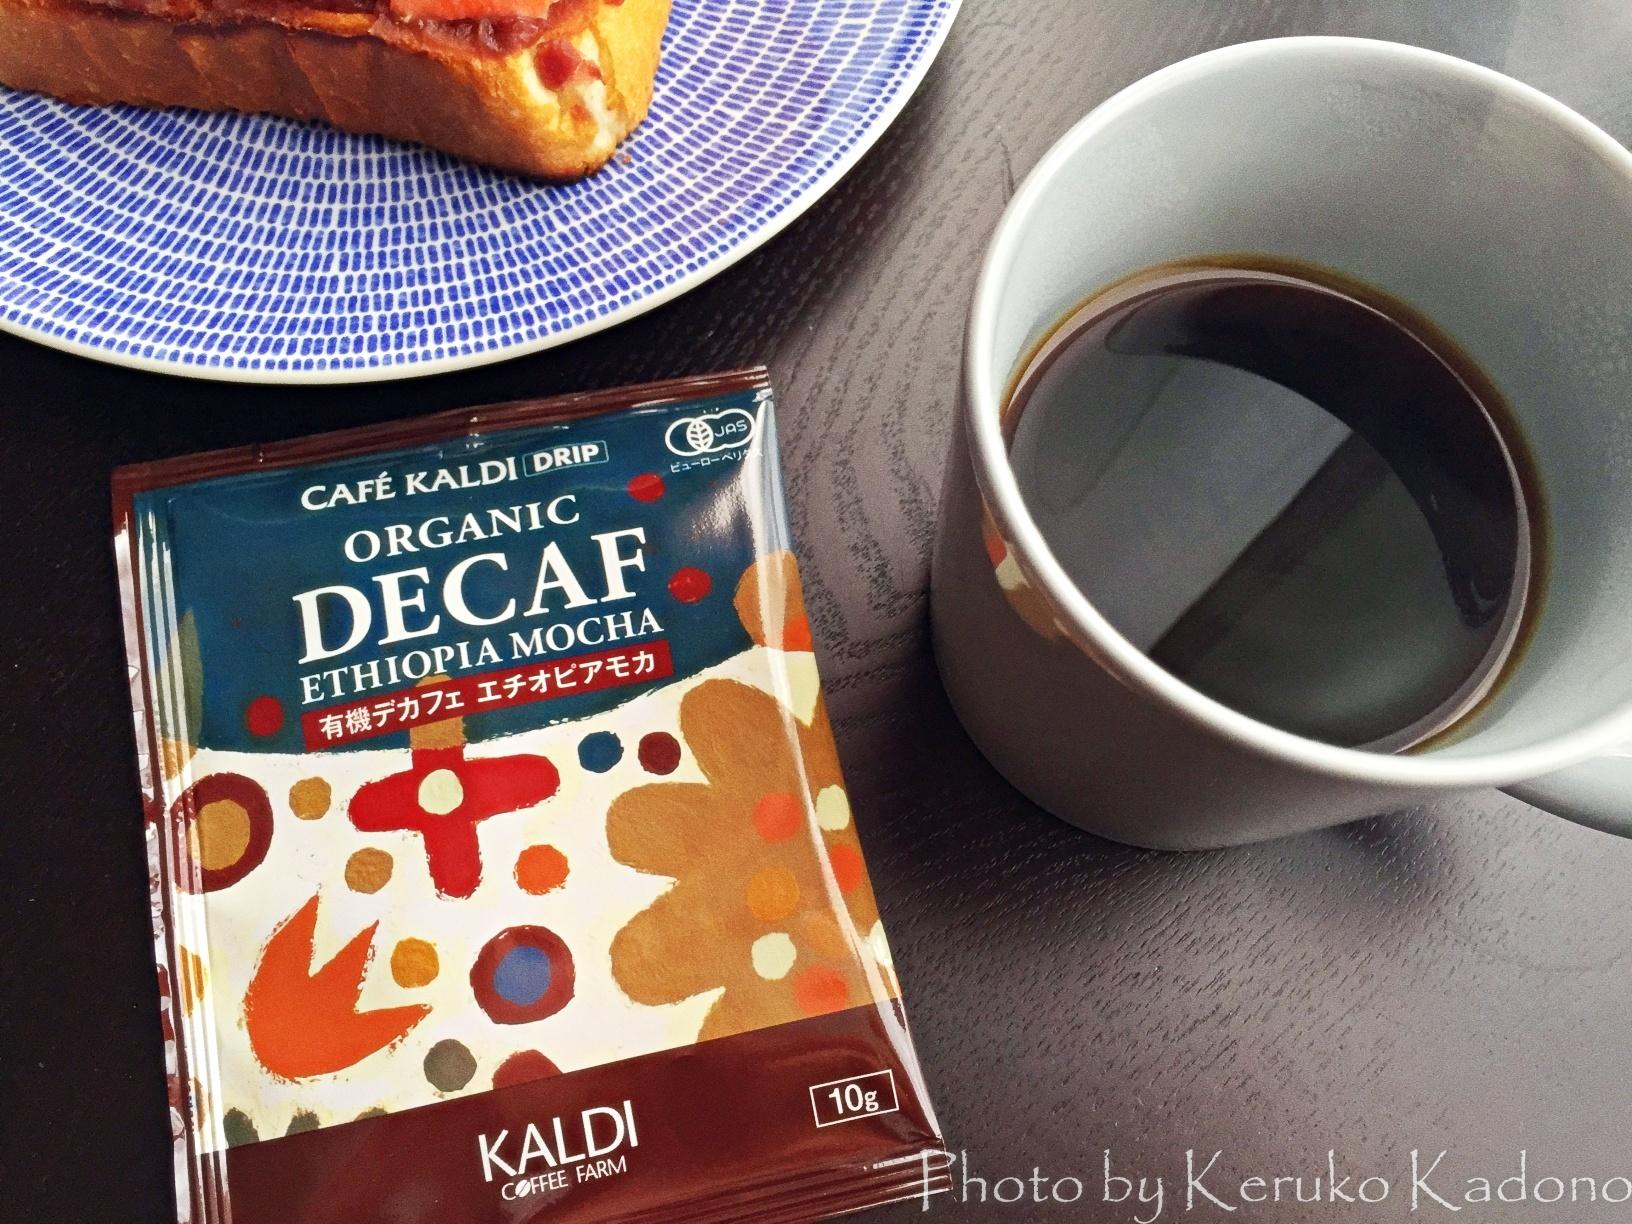 【デカフェ】カルディのドリップコーヒー 有機デカフェ エチオピアモカ